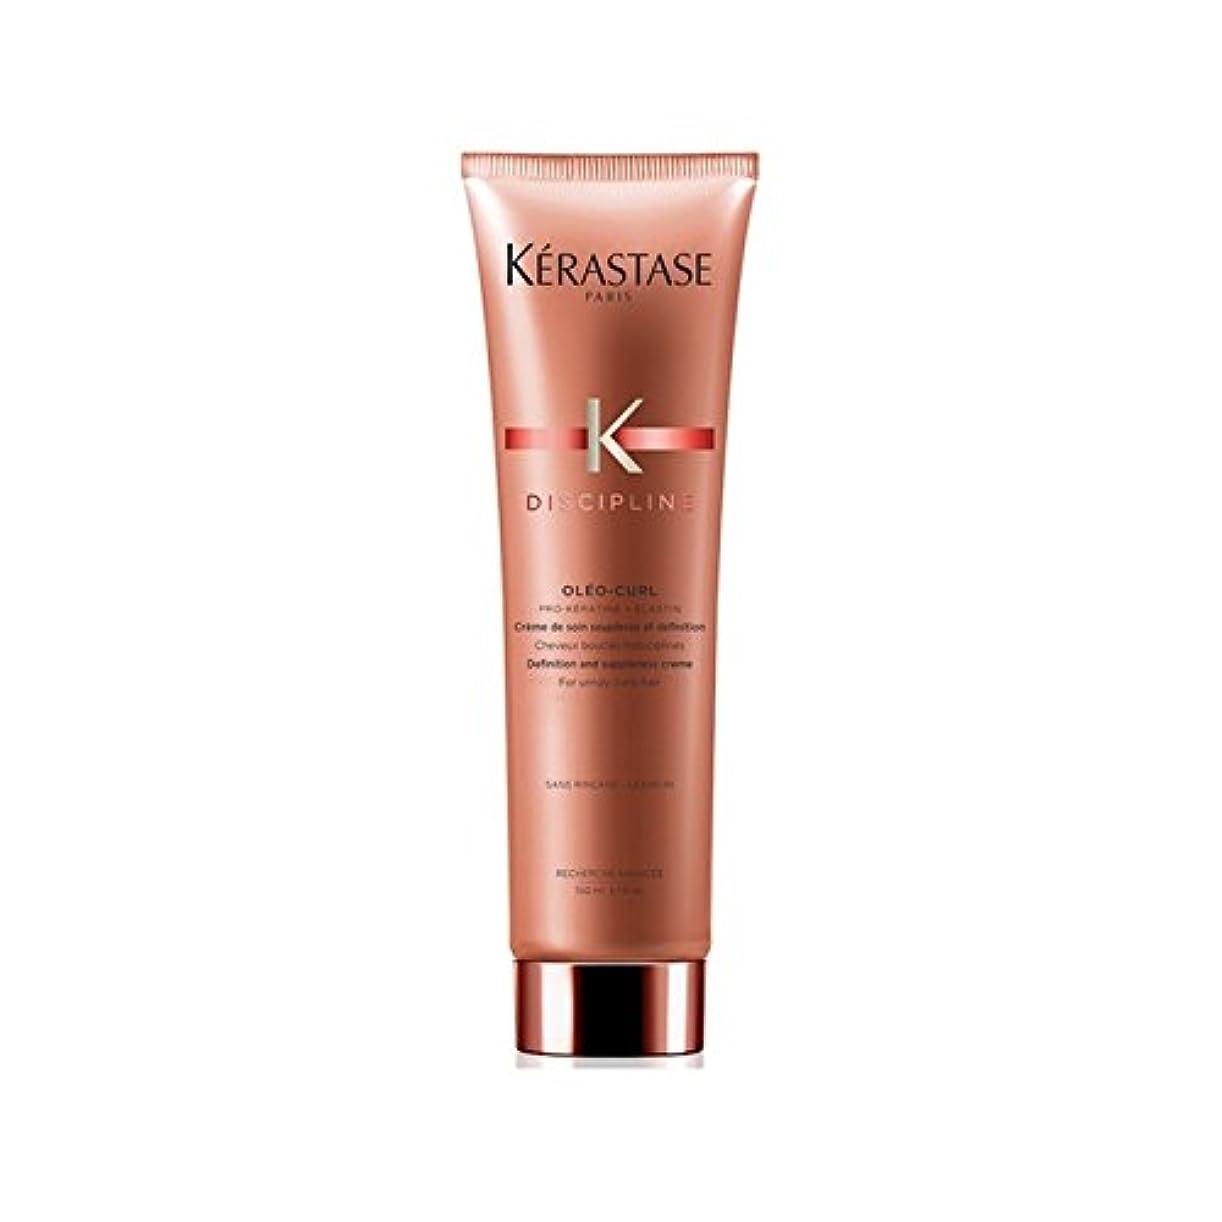 群がる屈辱する一握り理想的なクレンジングコンディショナー400ミリリットルカールケラスターゼの規律 x4 - K?rastase Discipline Curl Ideal Cleansing Conditioner 400ml (Pack...